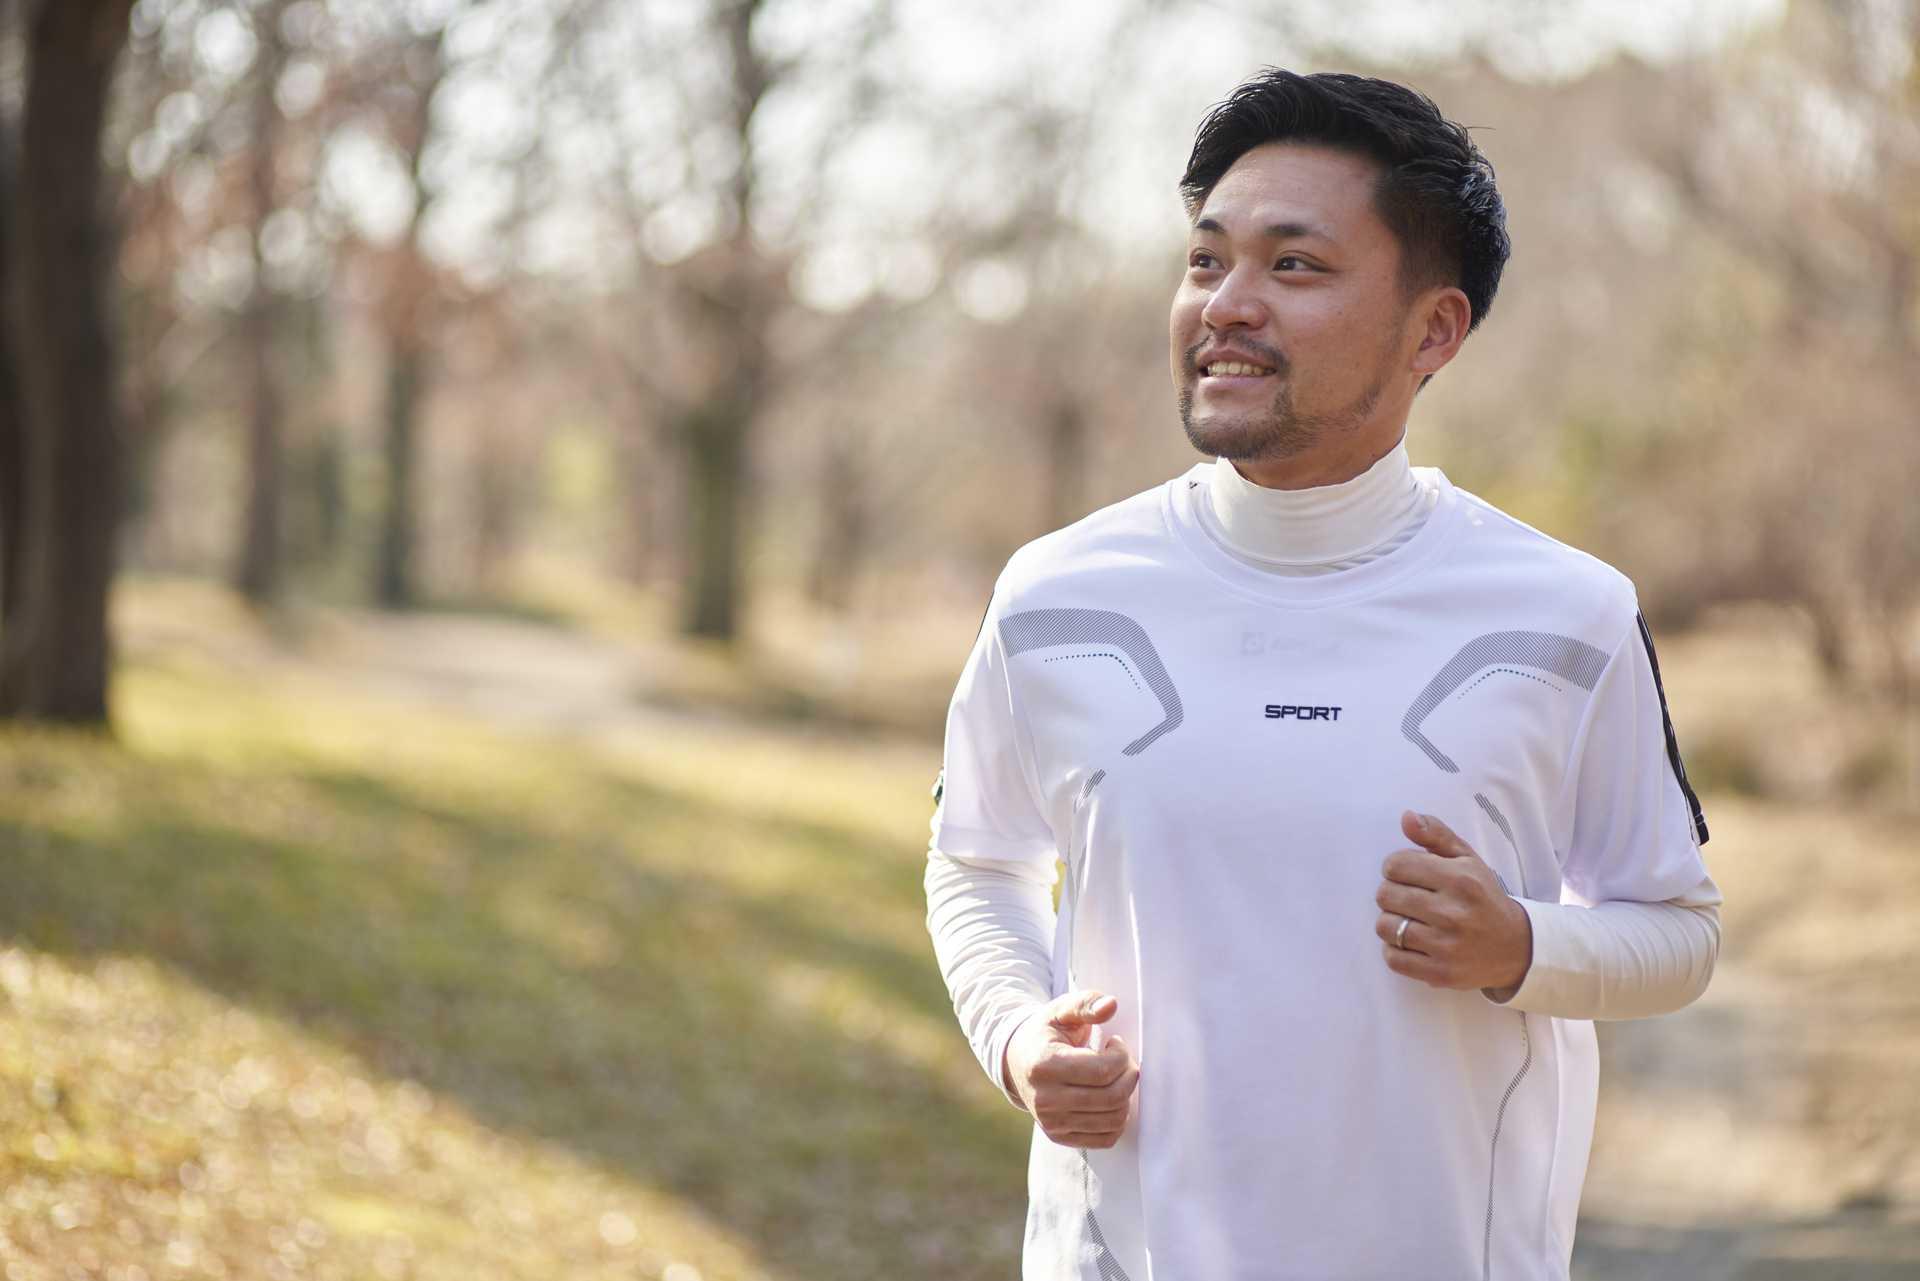 毎日歩き続けていると、ついには筋肉痛が懐かしくなる。 | 脳を刺激する30の歩き方